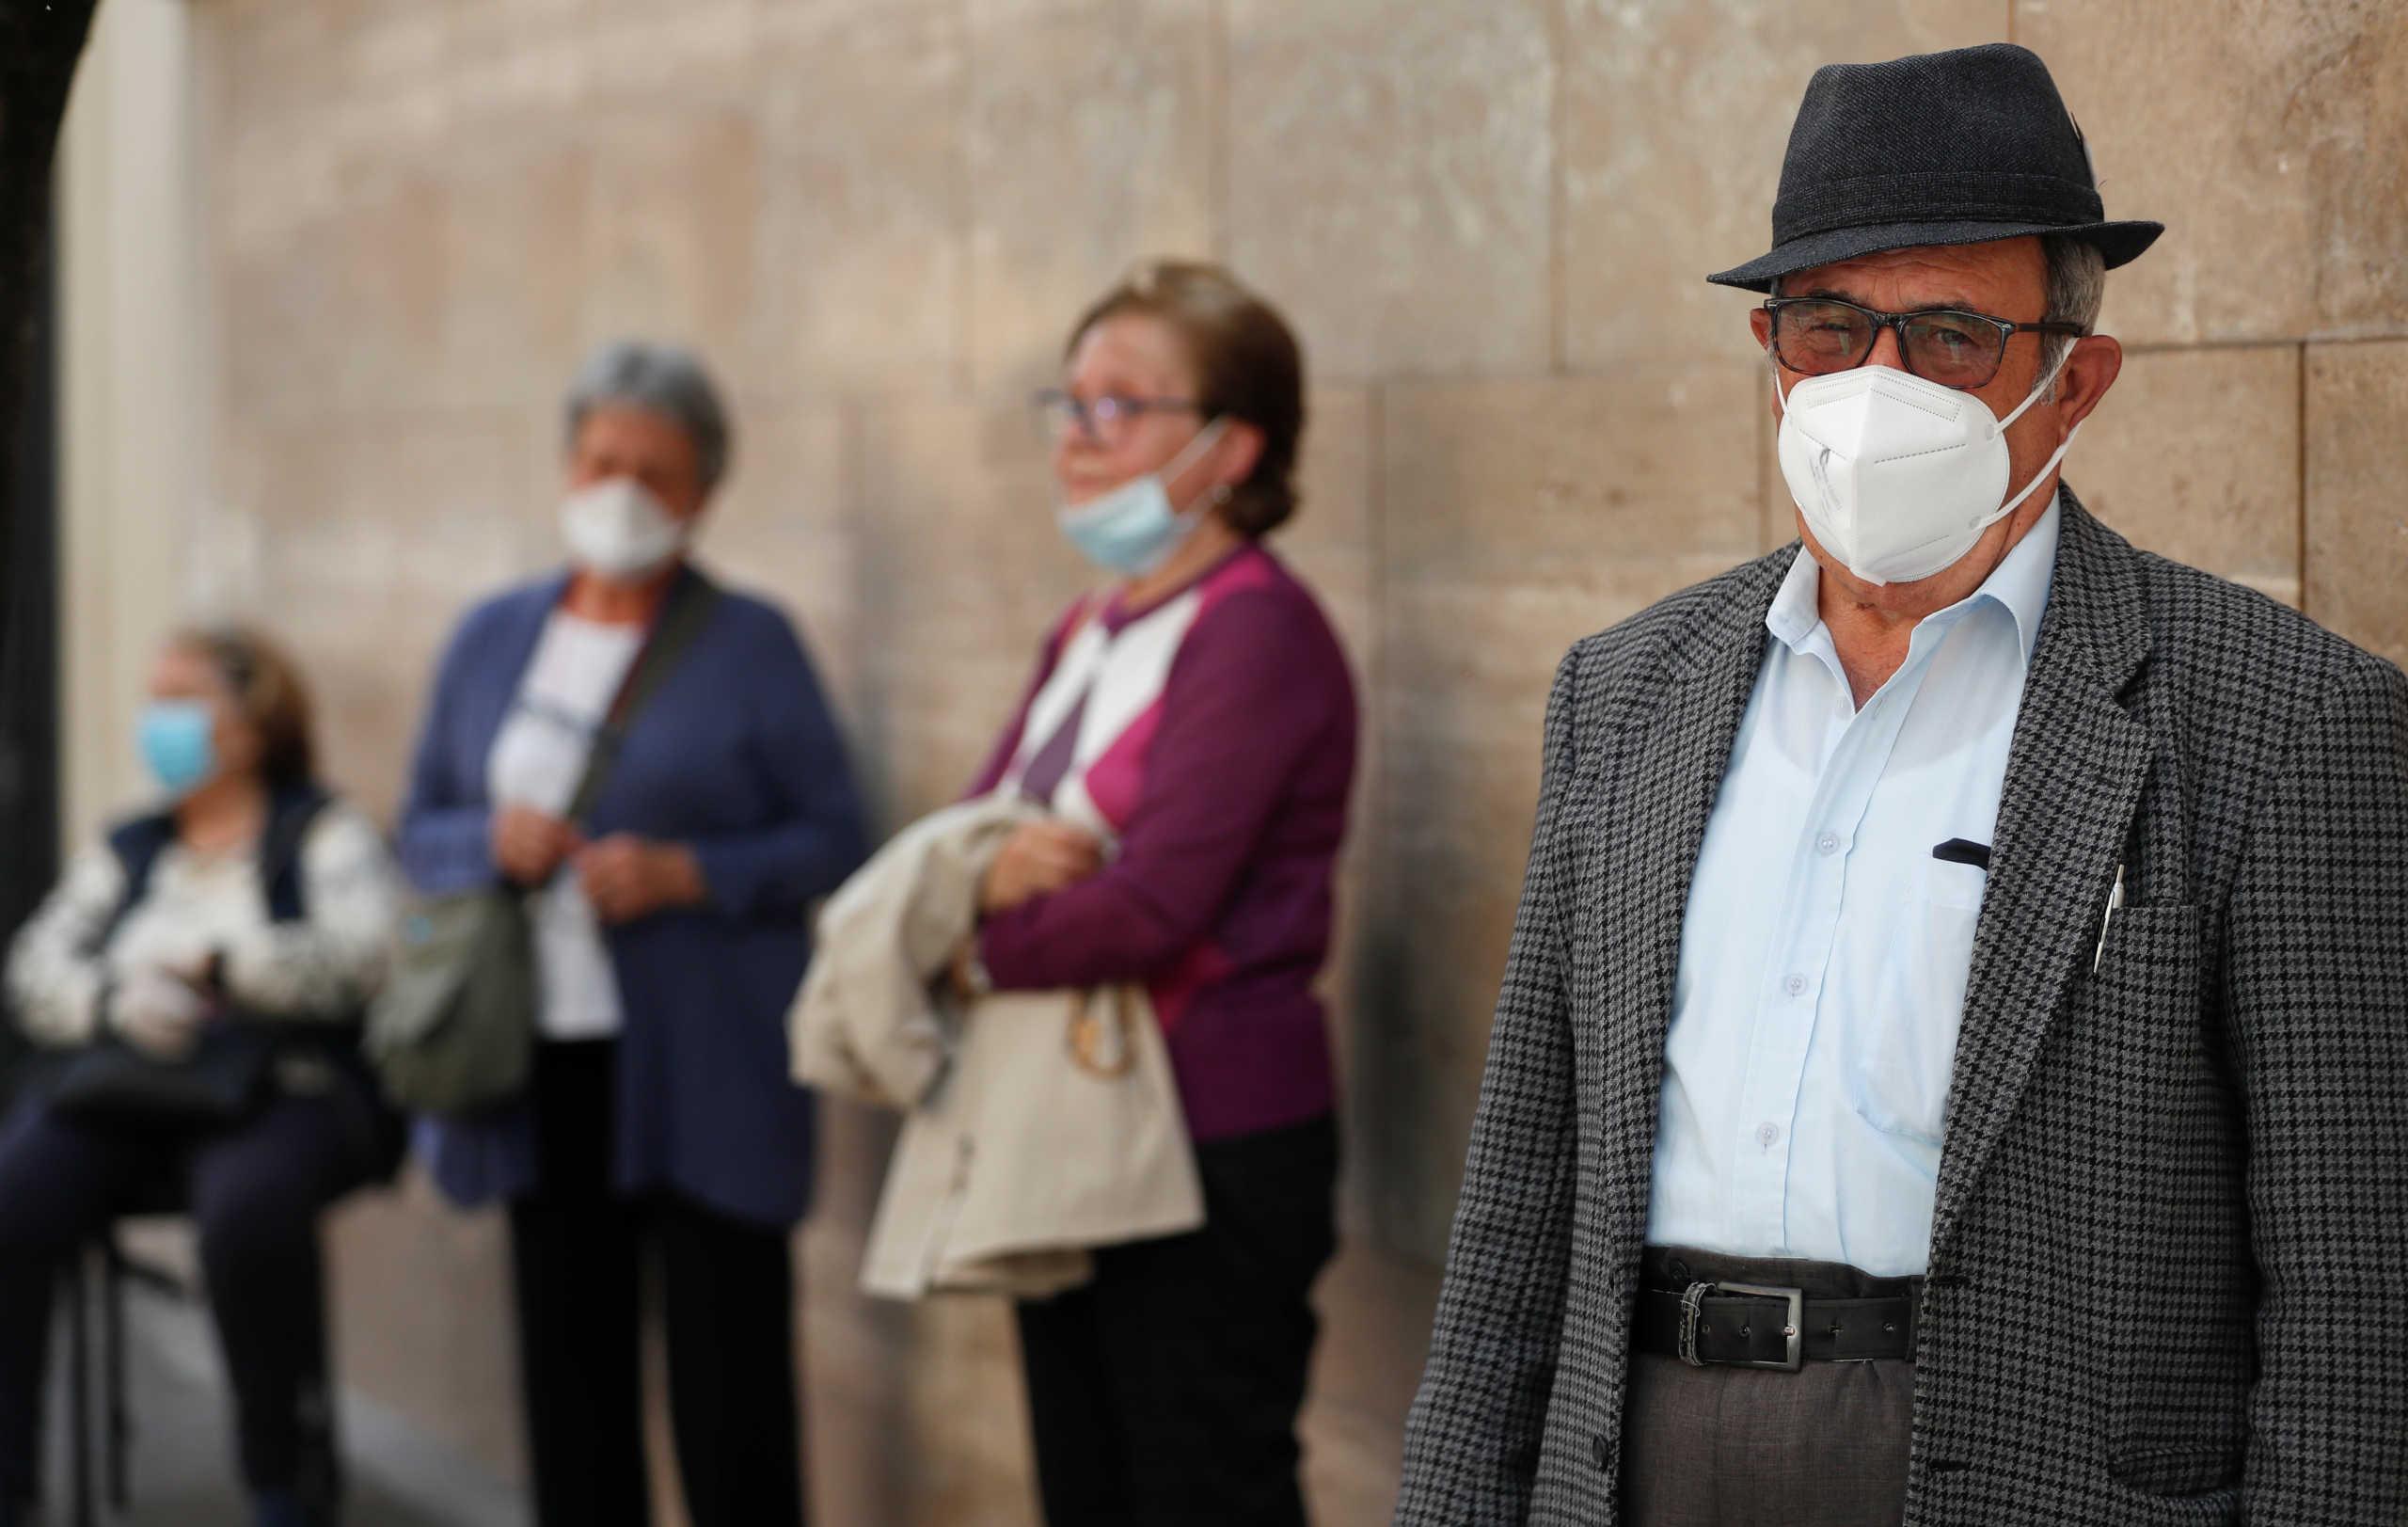 Ιταλία: Από τις 3 Ιουνίου θέλουν να αρχίσουν τις μετακινήσεις σε όλη τη χώρα